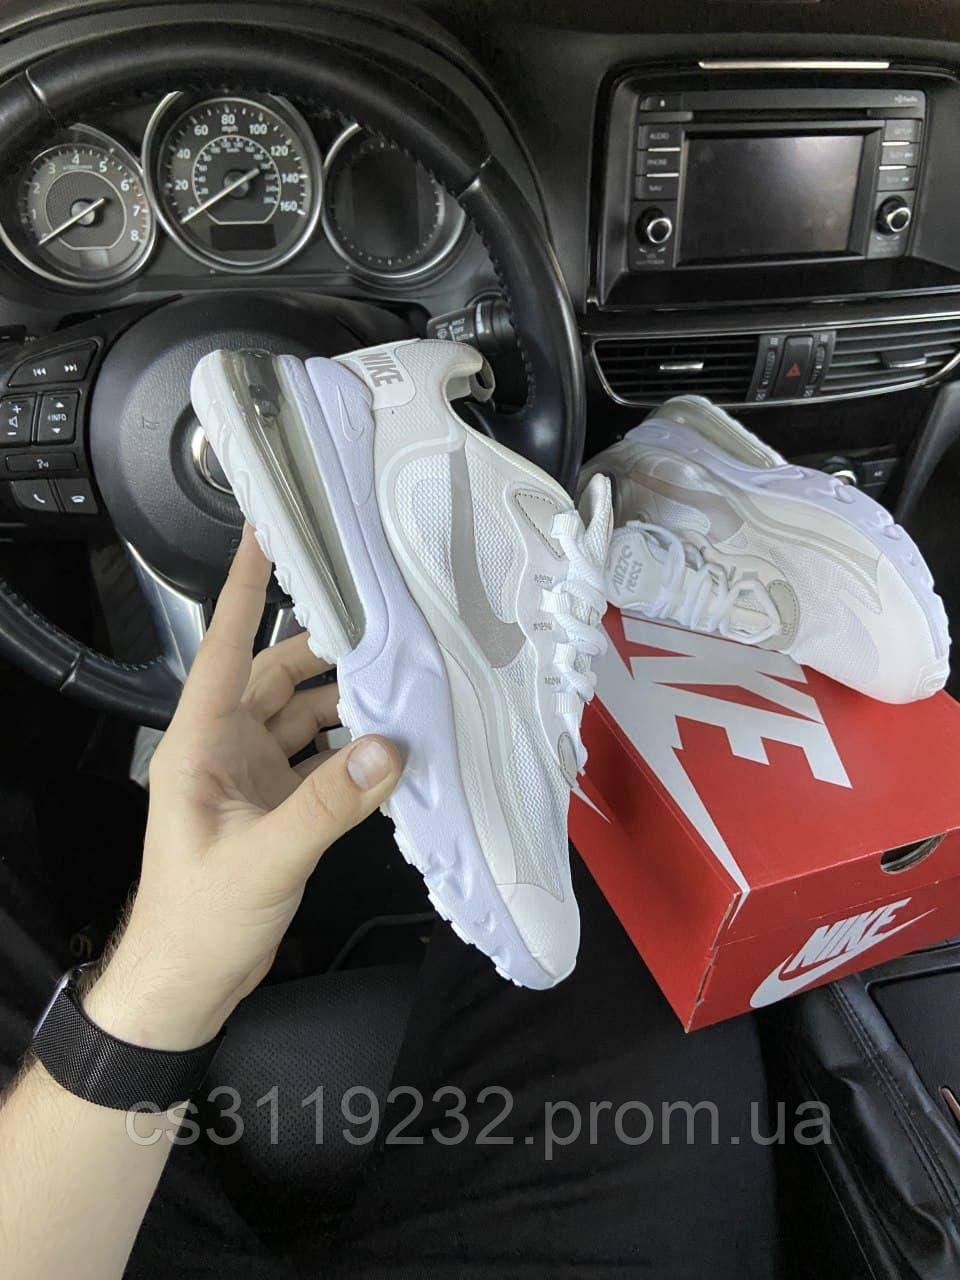 Чоловічі кросівки Nike Air Max 270 React White Grey (сіро-білі)